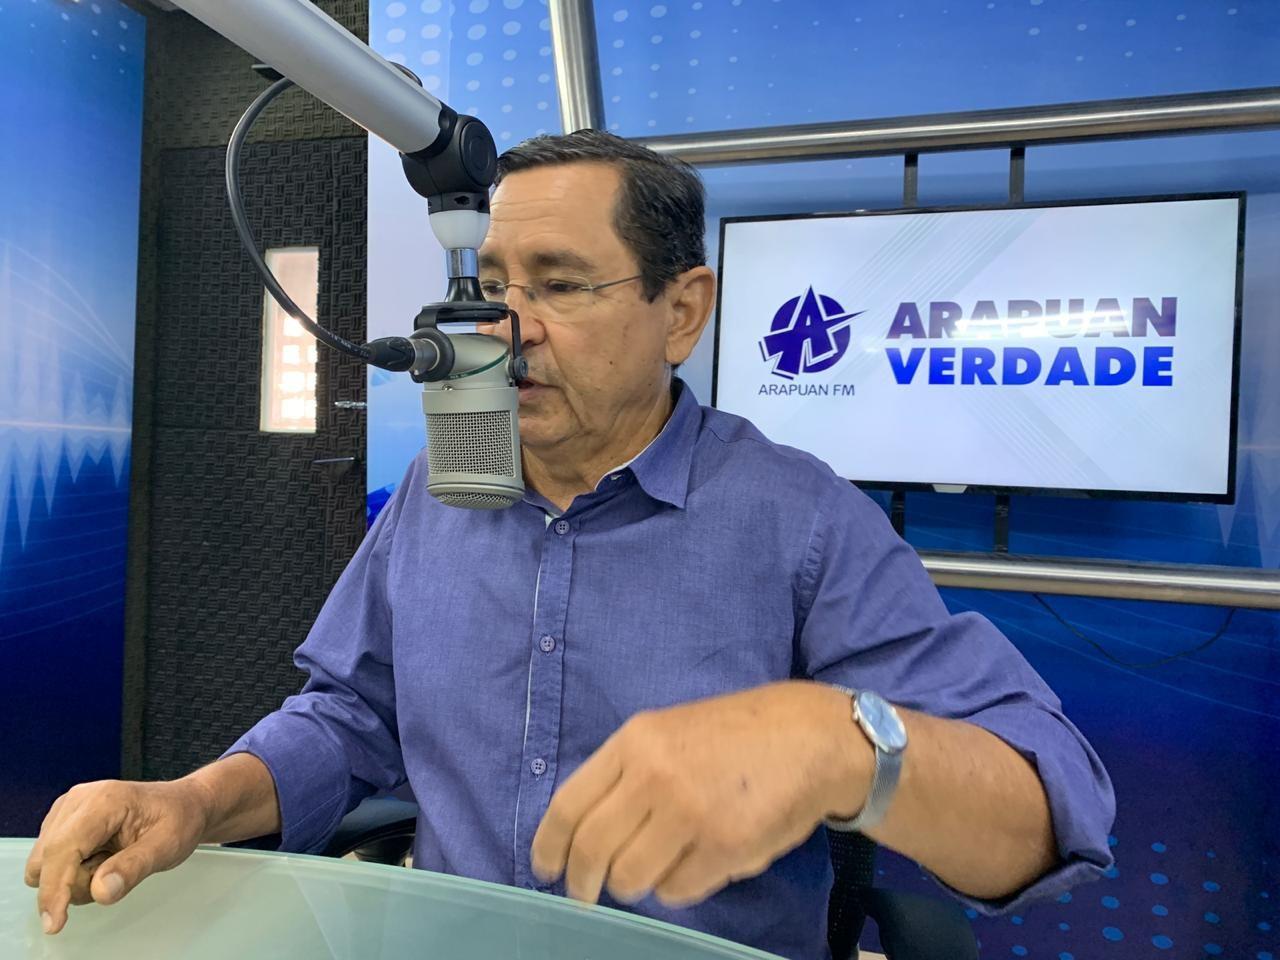 """anísio maia arapuan verdade - 'Não há a menor possibilidade"""", afirma Anísio Maia após rejeitar parceria com Ricardo Coutinho e chamar João Azevedo de parceiro de primeira hora"""